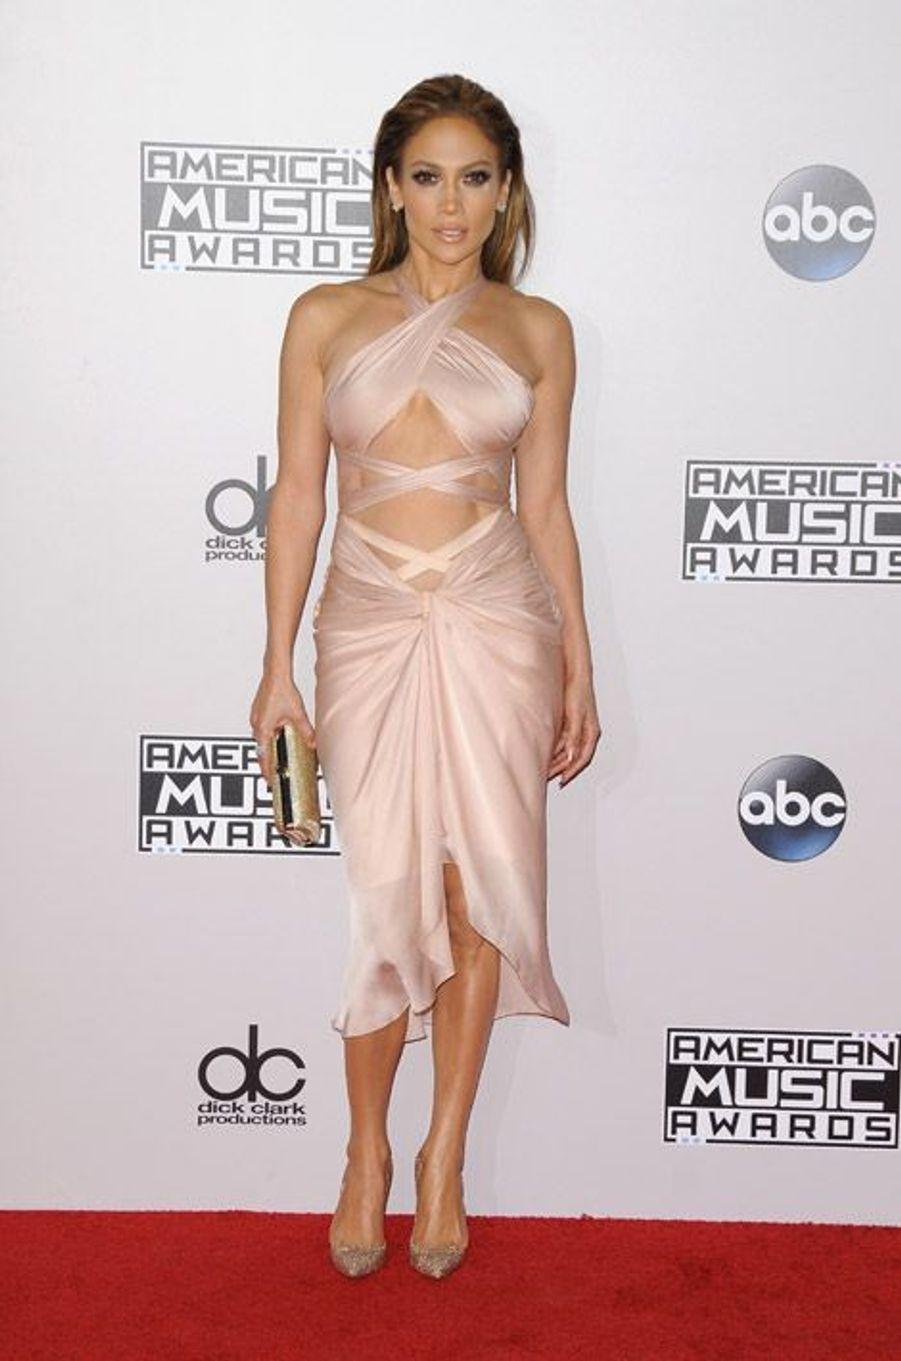 La chanteuse Jennifer Lopez en Christian Louboutin pour la cérémonie des American Music Awards à Los Angeles, le 23 novembre 2014